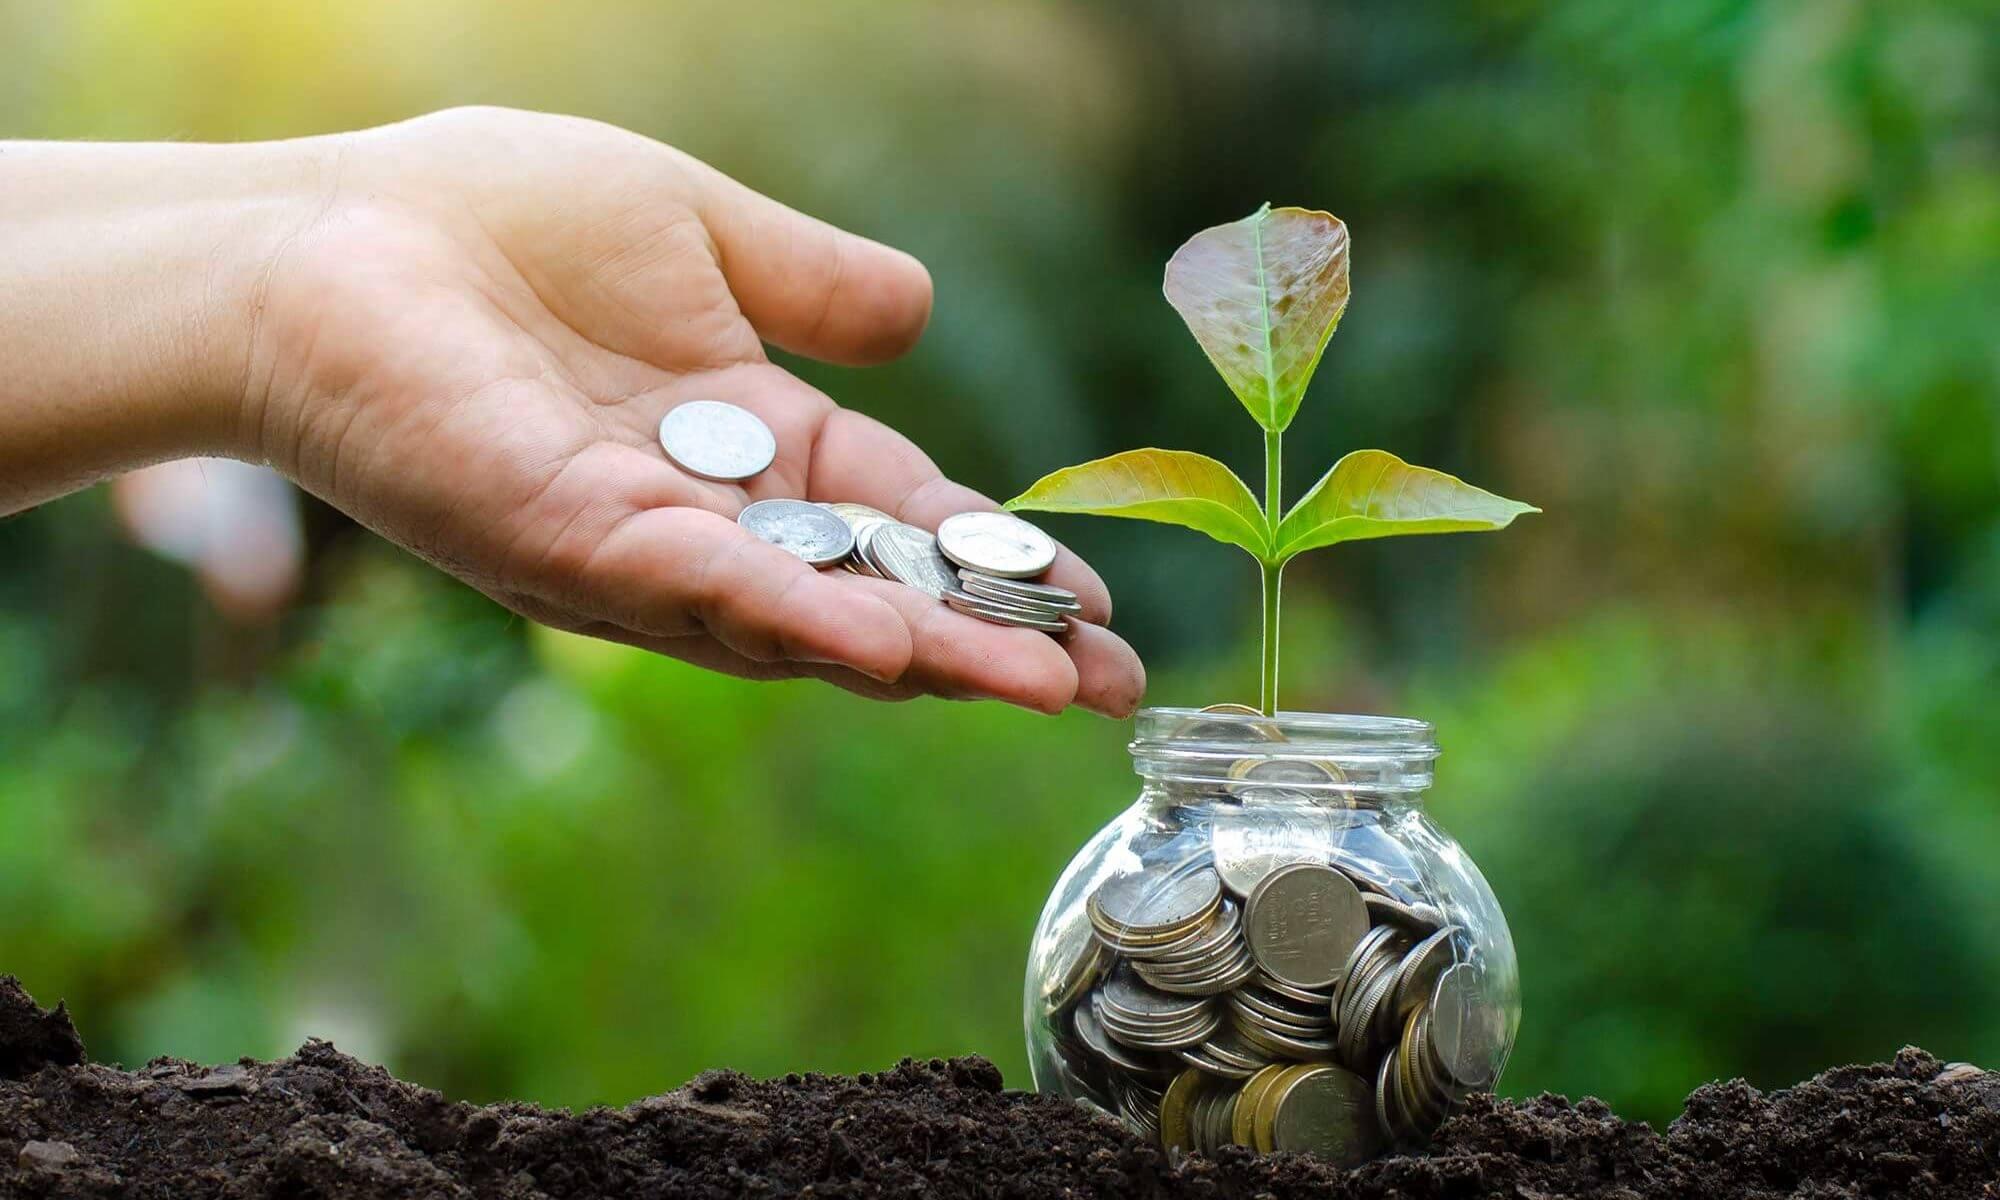 Tarım sektörü, finansal pazarlar içerisinde yapısal özellikleri ile ihtiyaçları doğru belirlenmesi gereken sektörlerin başında gelmektedir.